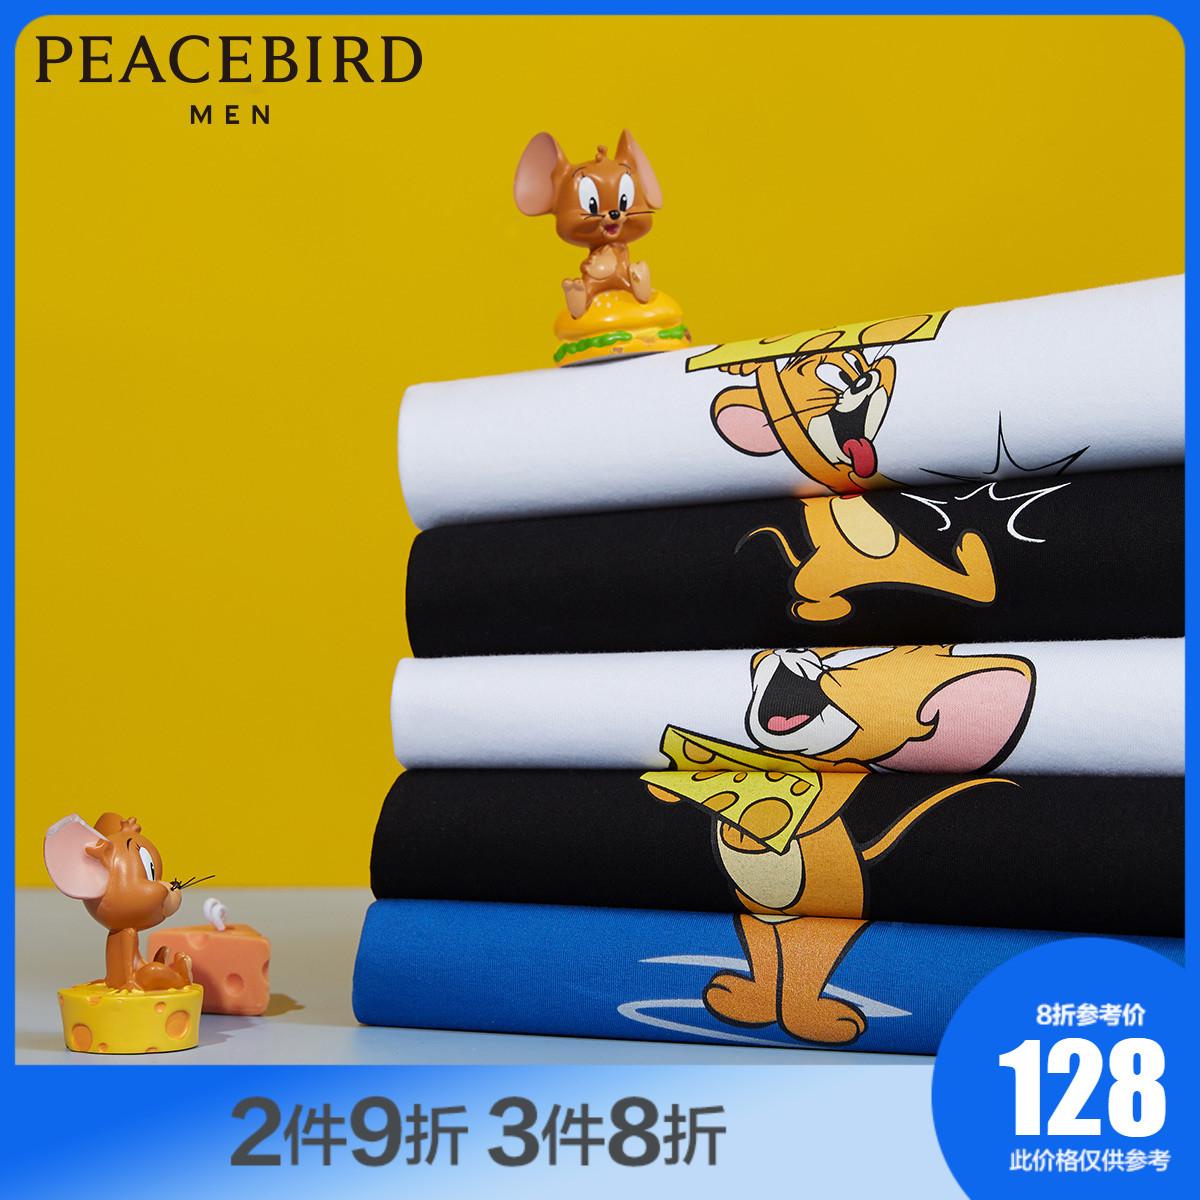 太平鸟男装 猫和老鼠系列短袖T恤男情侣印花打底衫多色衣服潮流